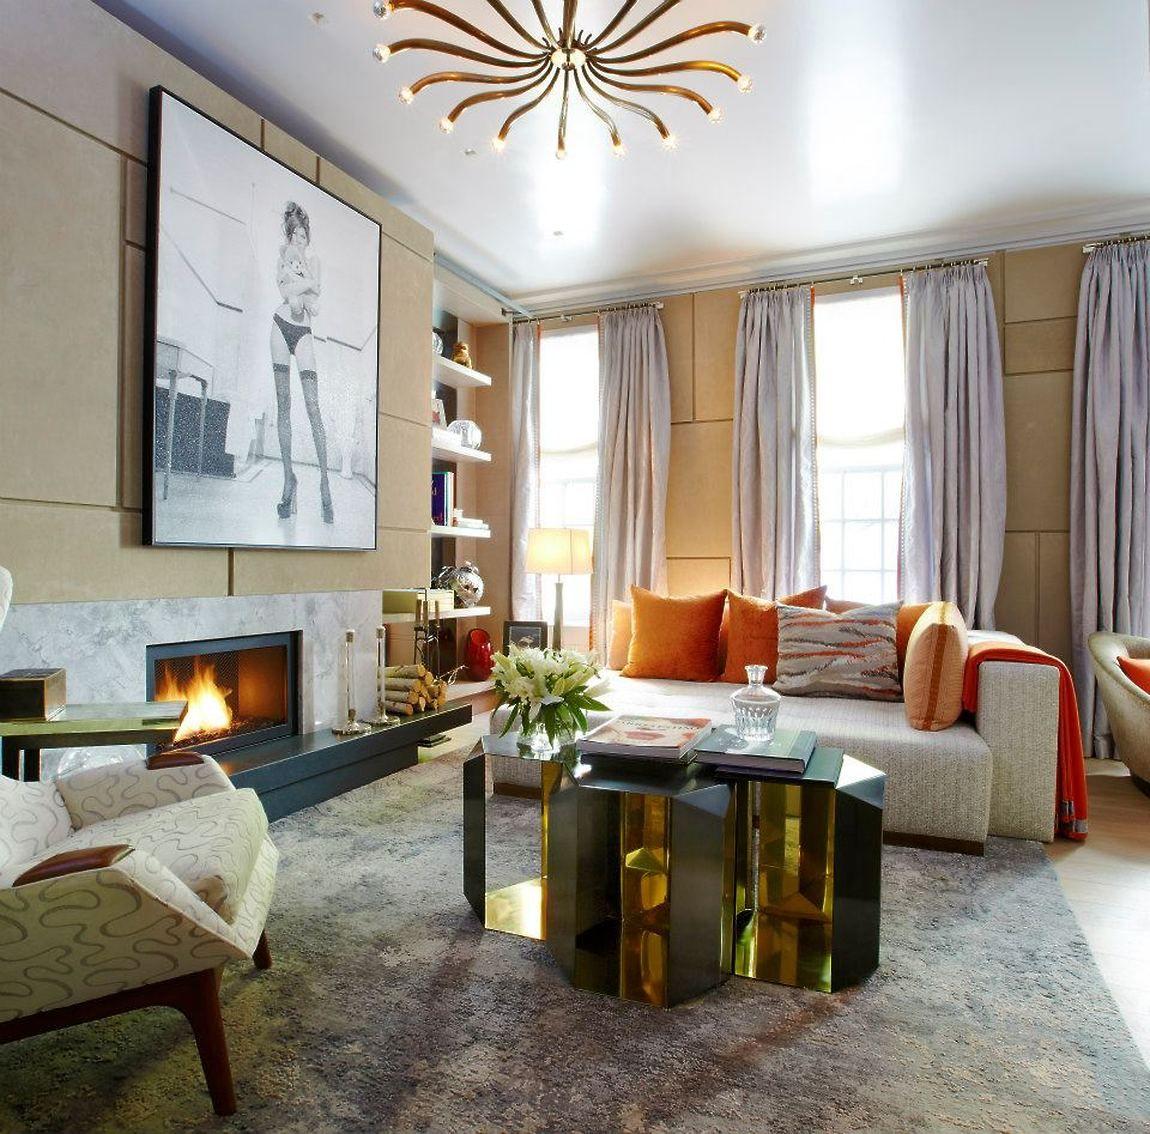 Дизайн потолка — 115 фото современных идей оформления и украшения